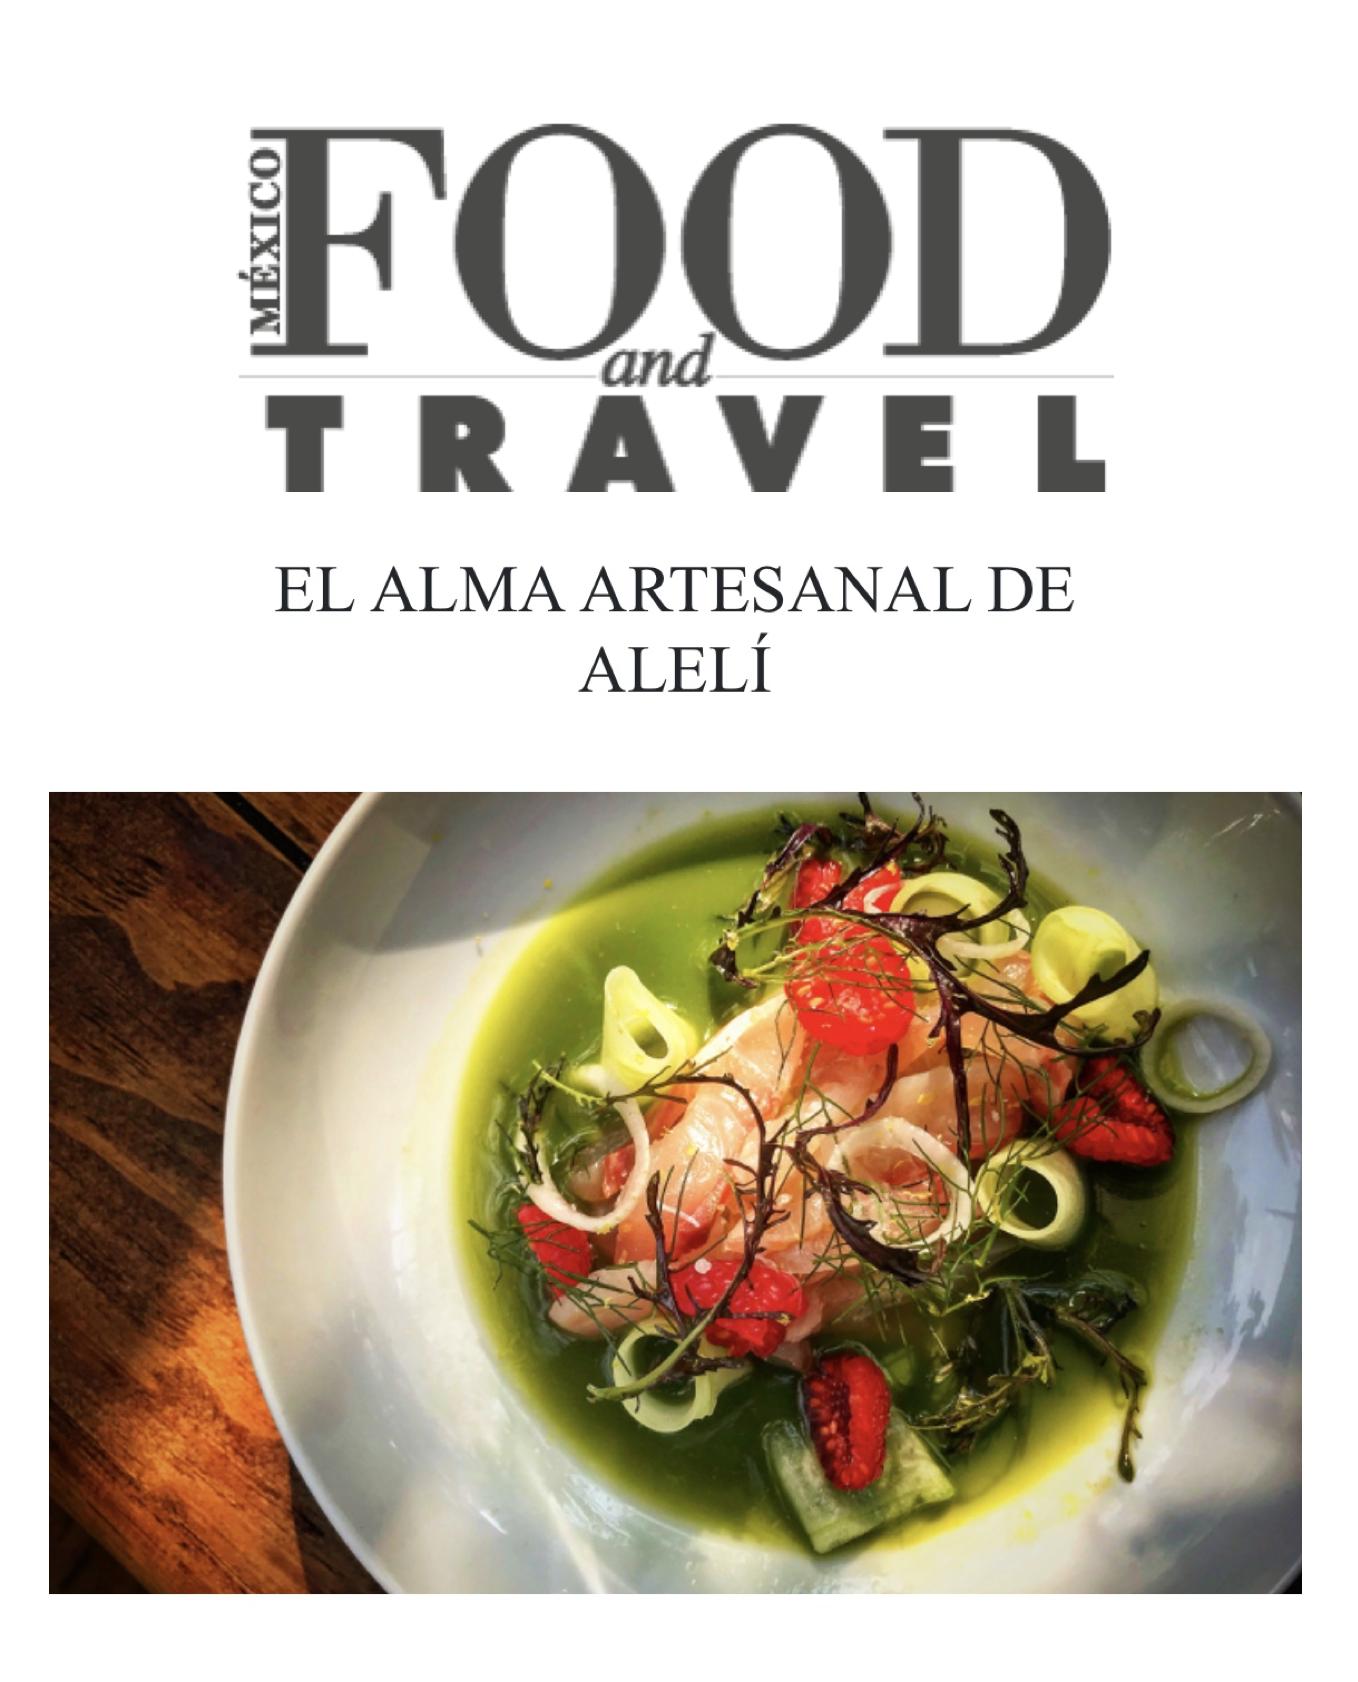 FOOD & TRAVEL MÉXICO. 2018